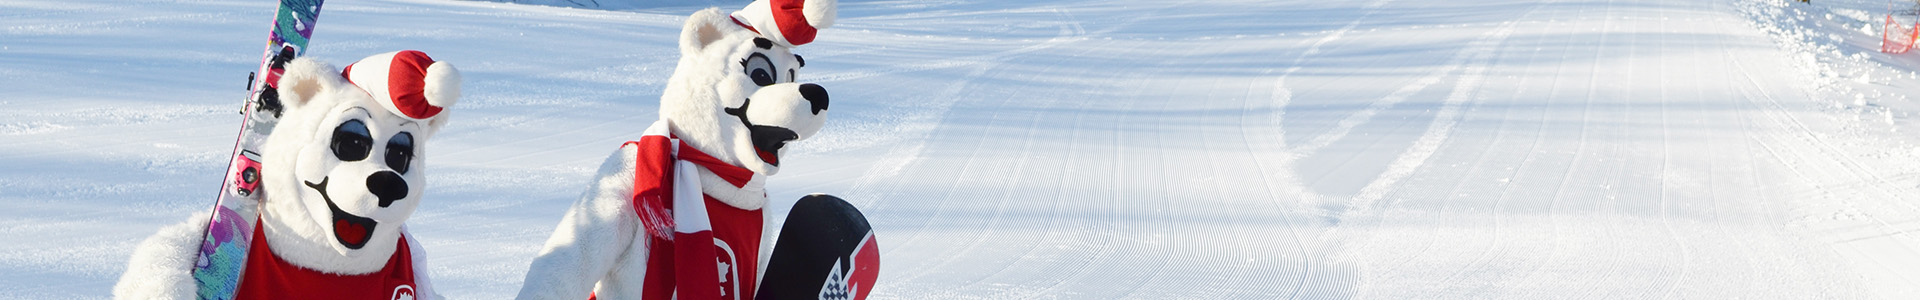 Kort om sport snowboard 2